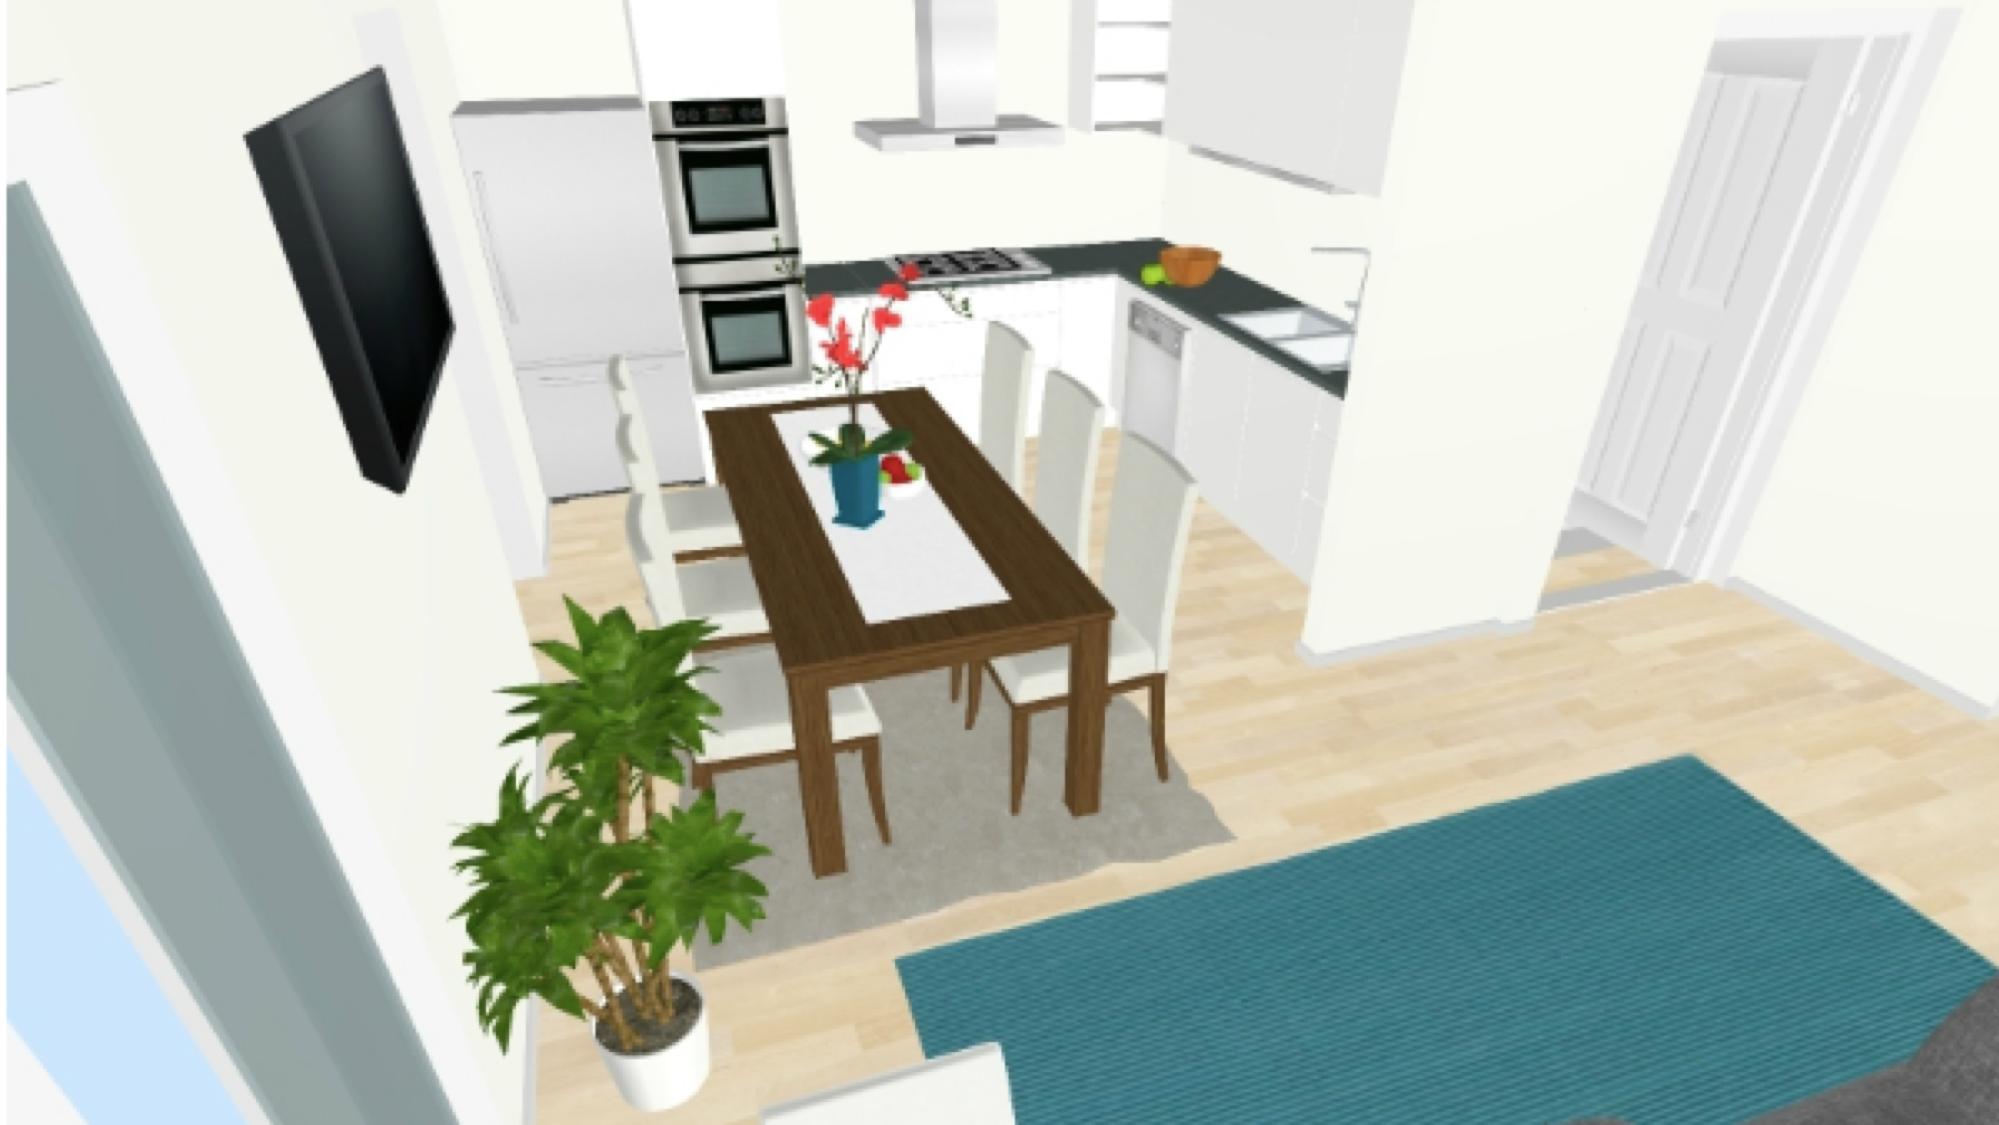 Планирование нового пространства